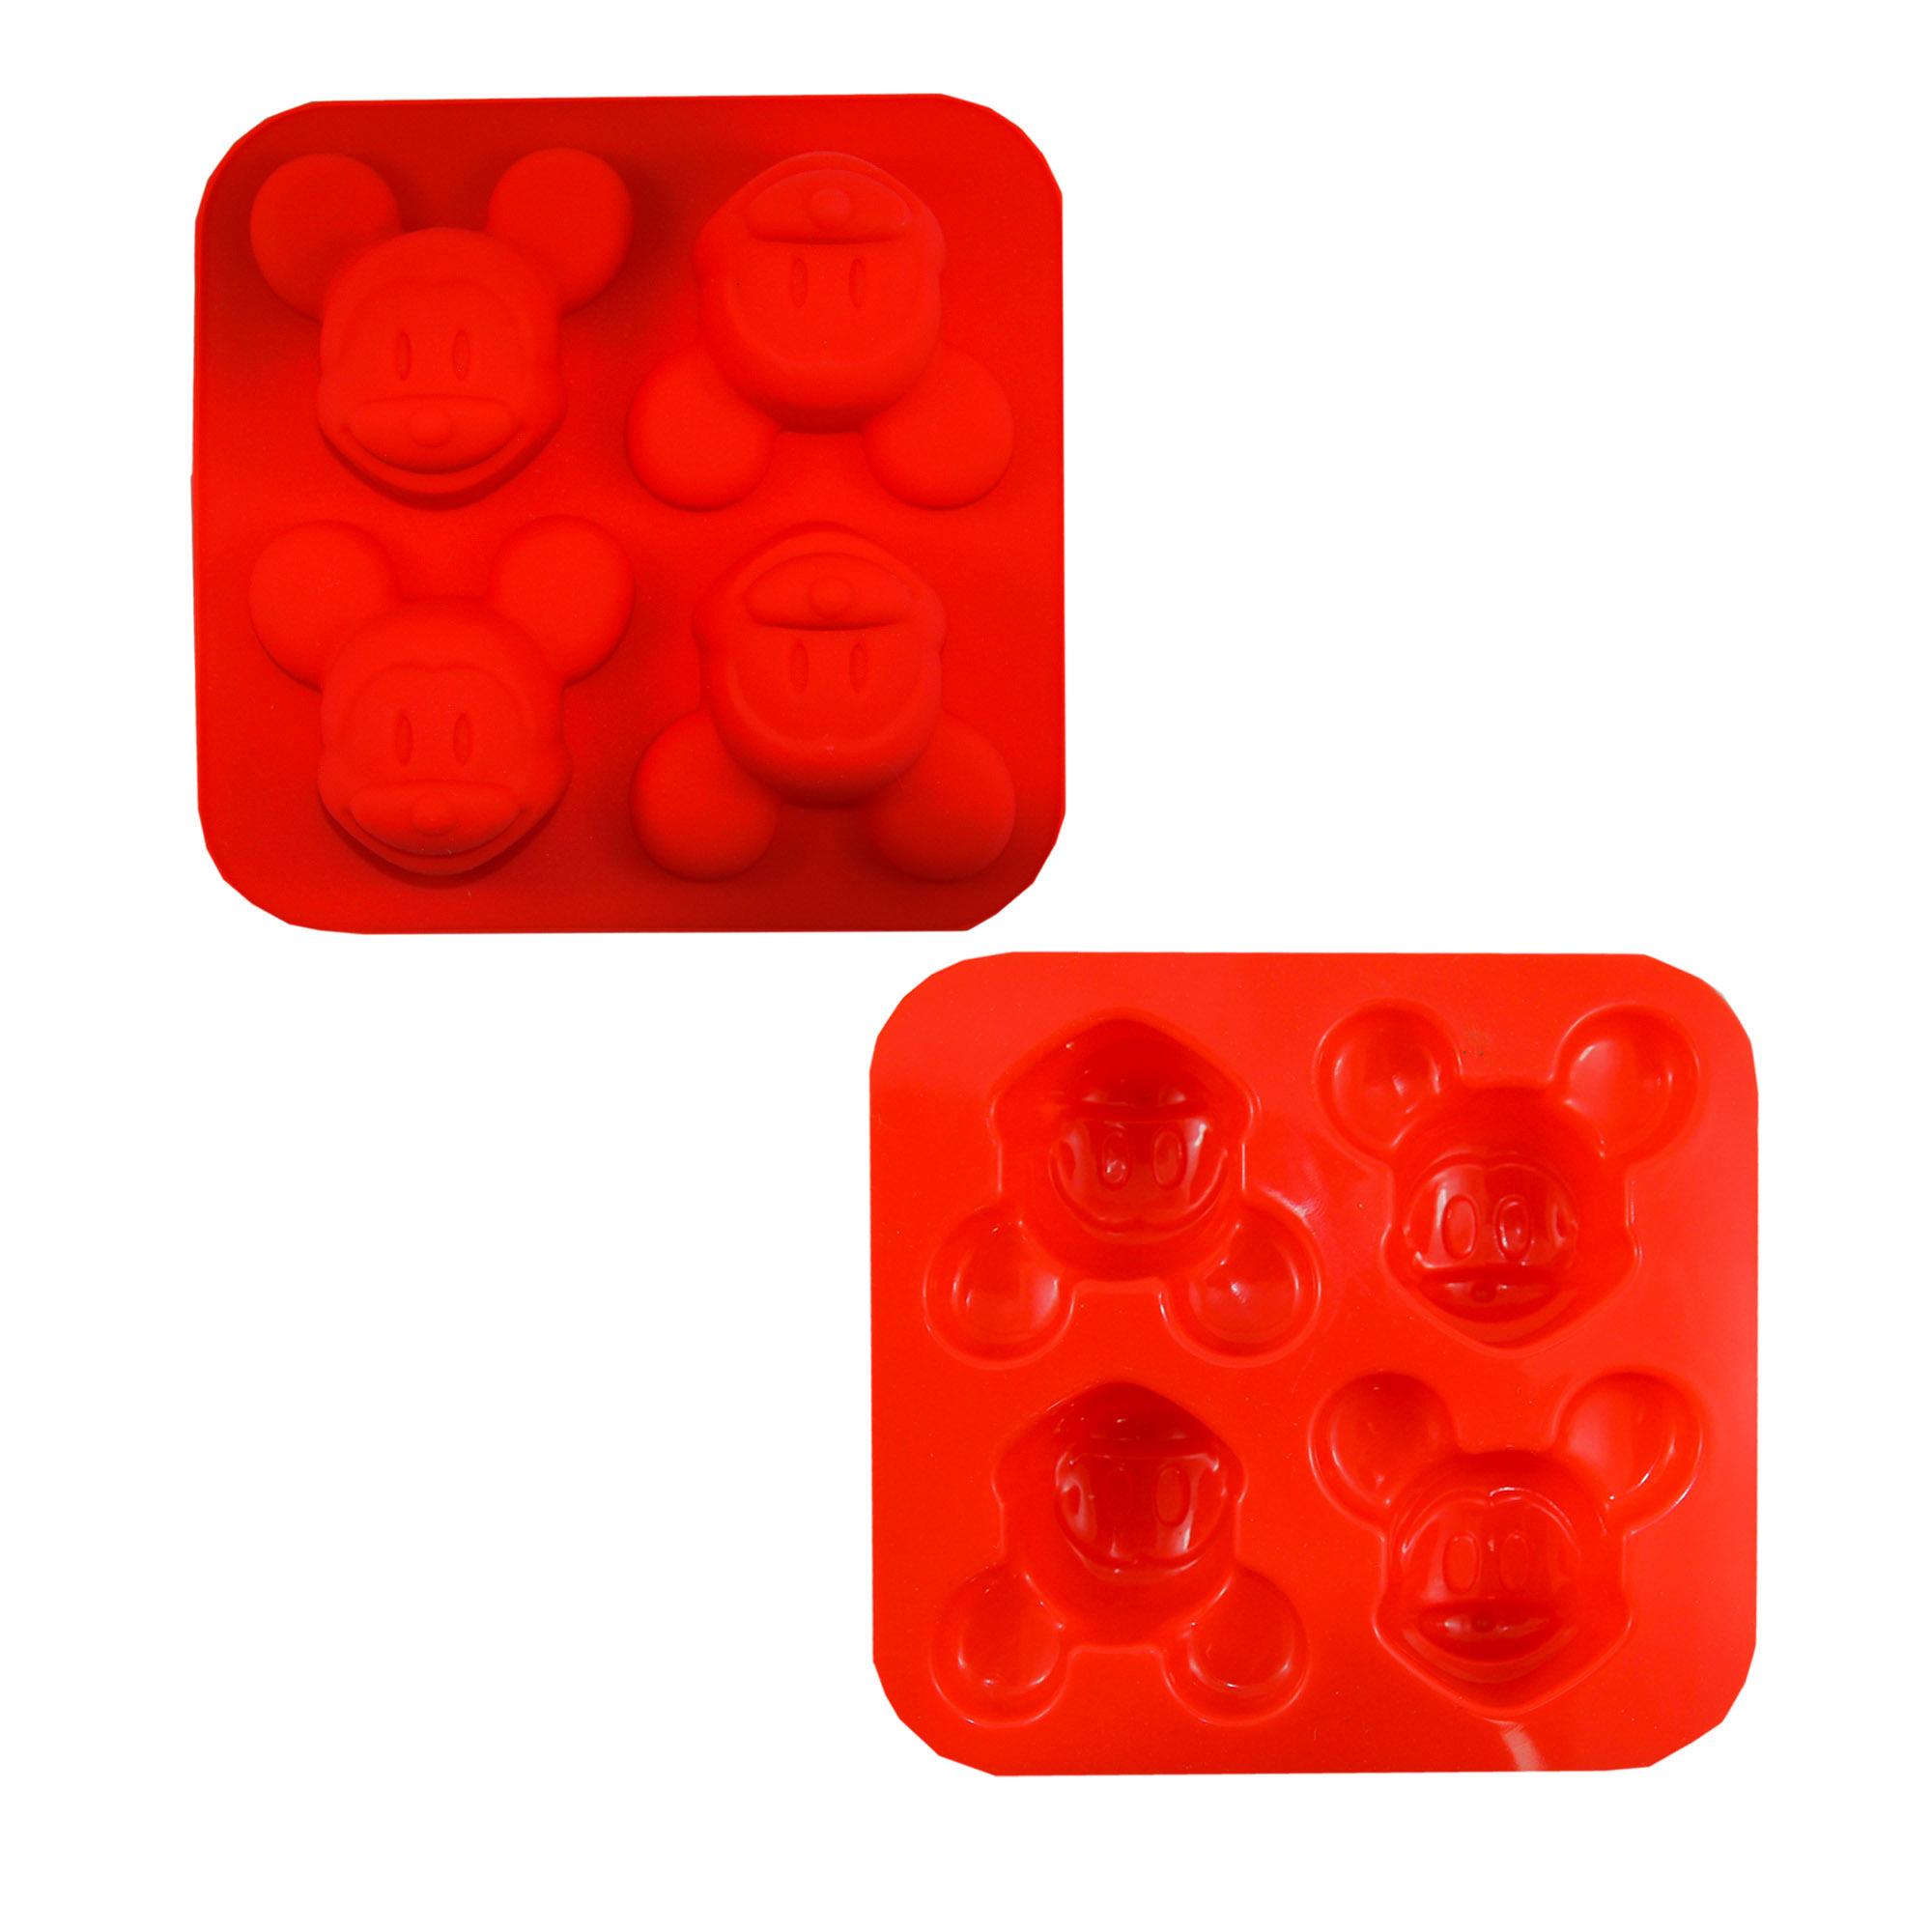 พิมพ์ซิลิโคนลายหน้าMicky mouse แดง 4 หลุม